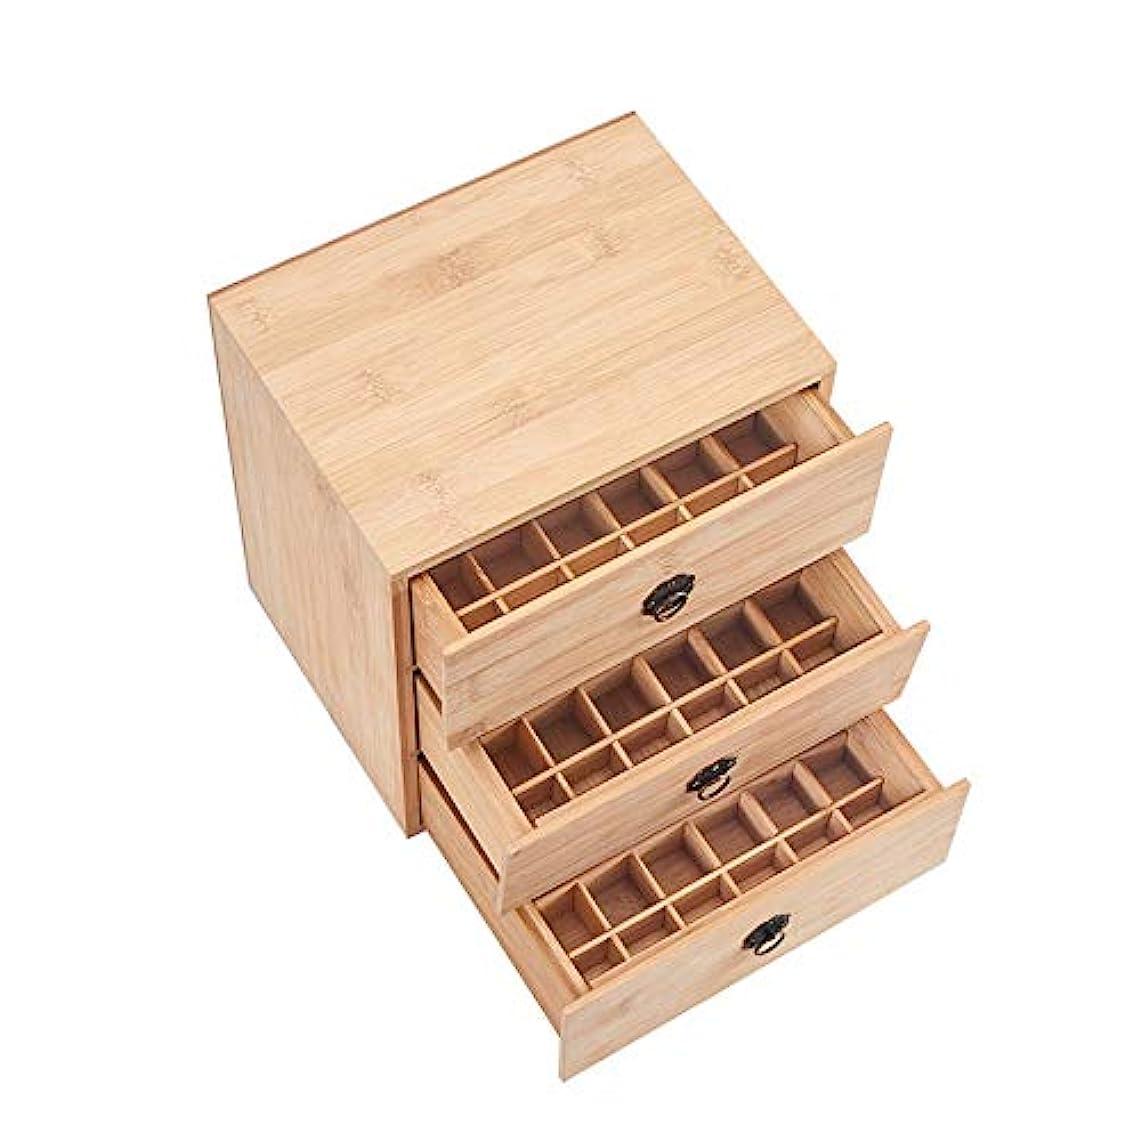 チェス泥沼病者エッセンシャルオイルストレージボックス 3本のティア15/10/5 M1のボトル天然竹90スロット木エッセンシャルオイルボックス 旅行およびプレゼンテーション用 (色 : Natural, サイズ : 24.5X20X26CM)